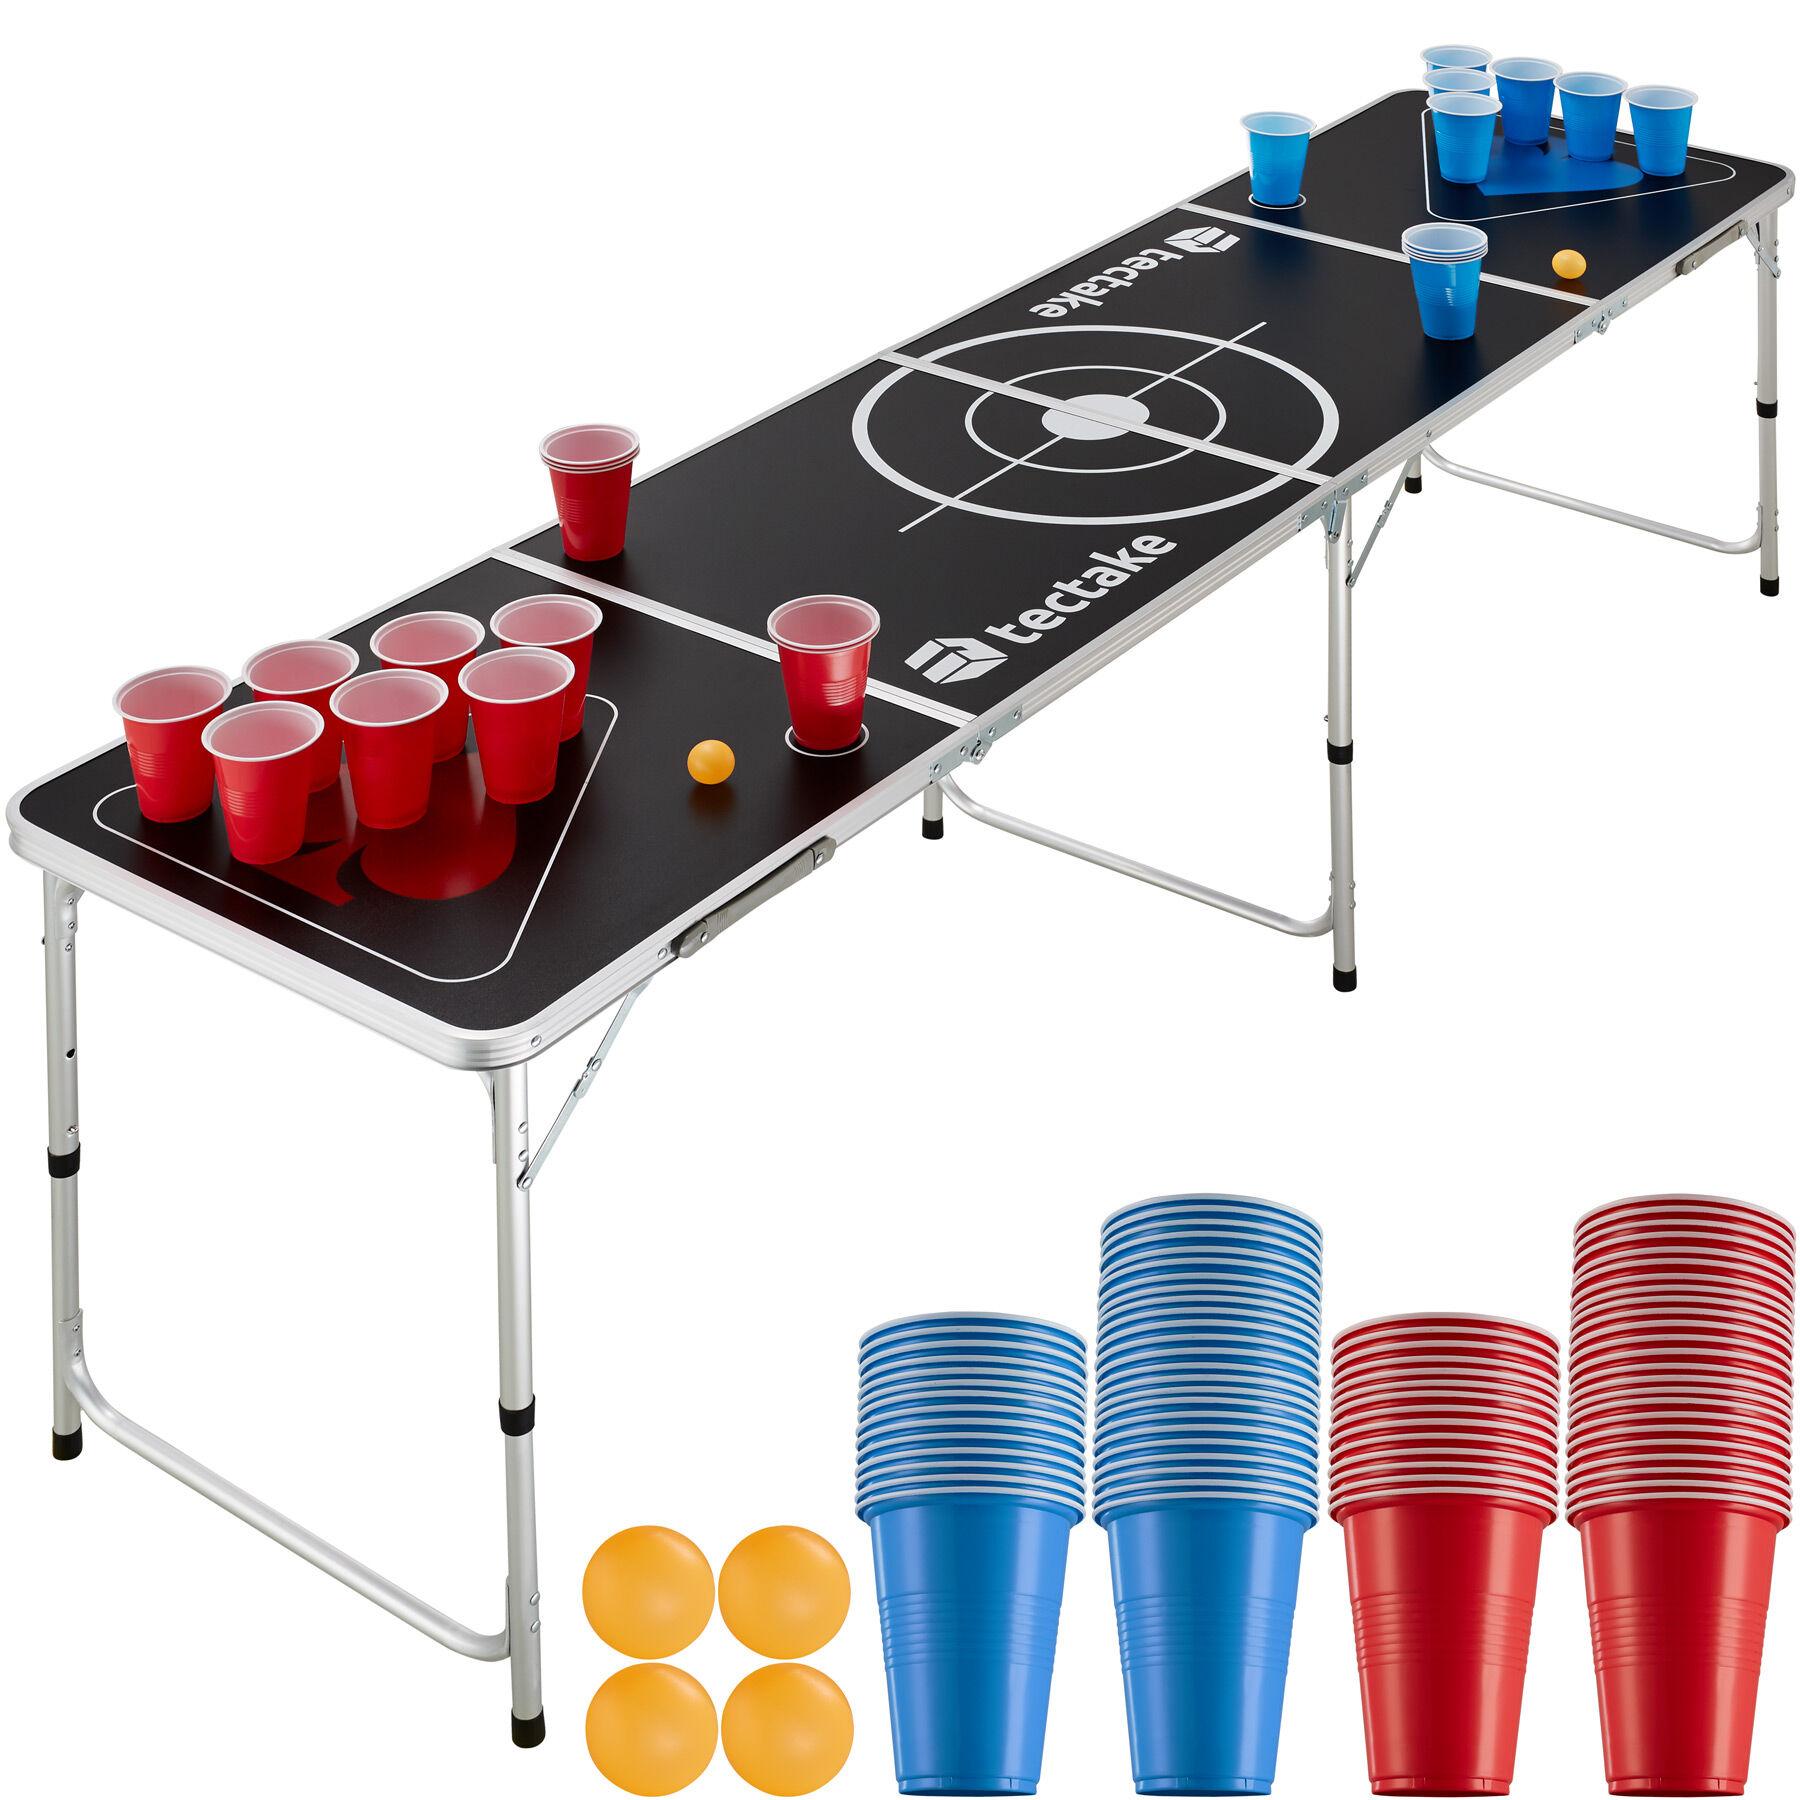 tectake Spring Break Beer Pong Table - black